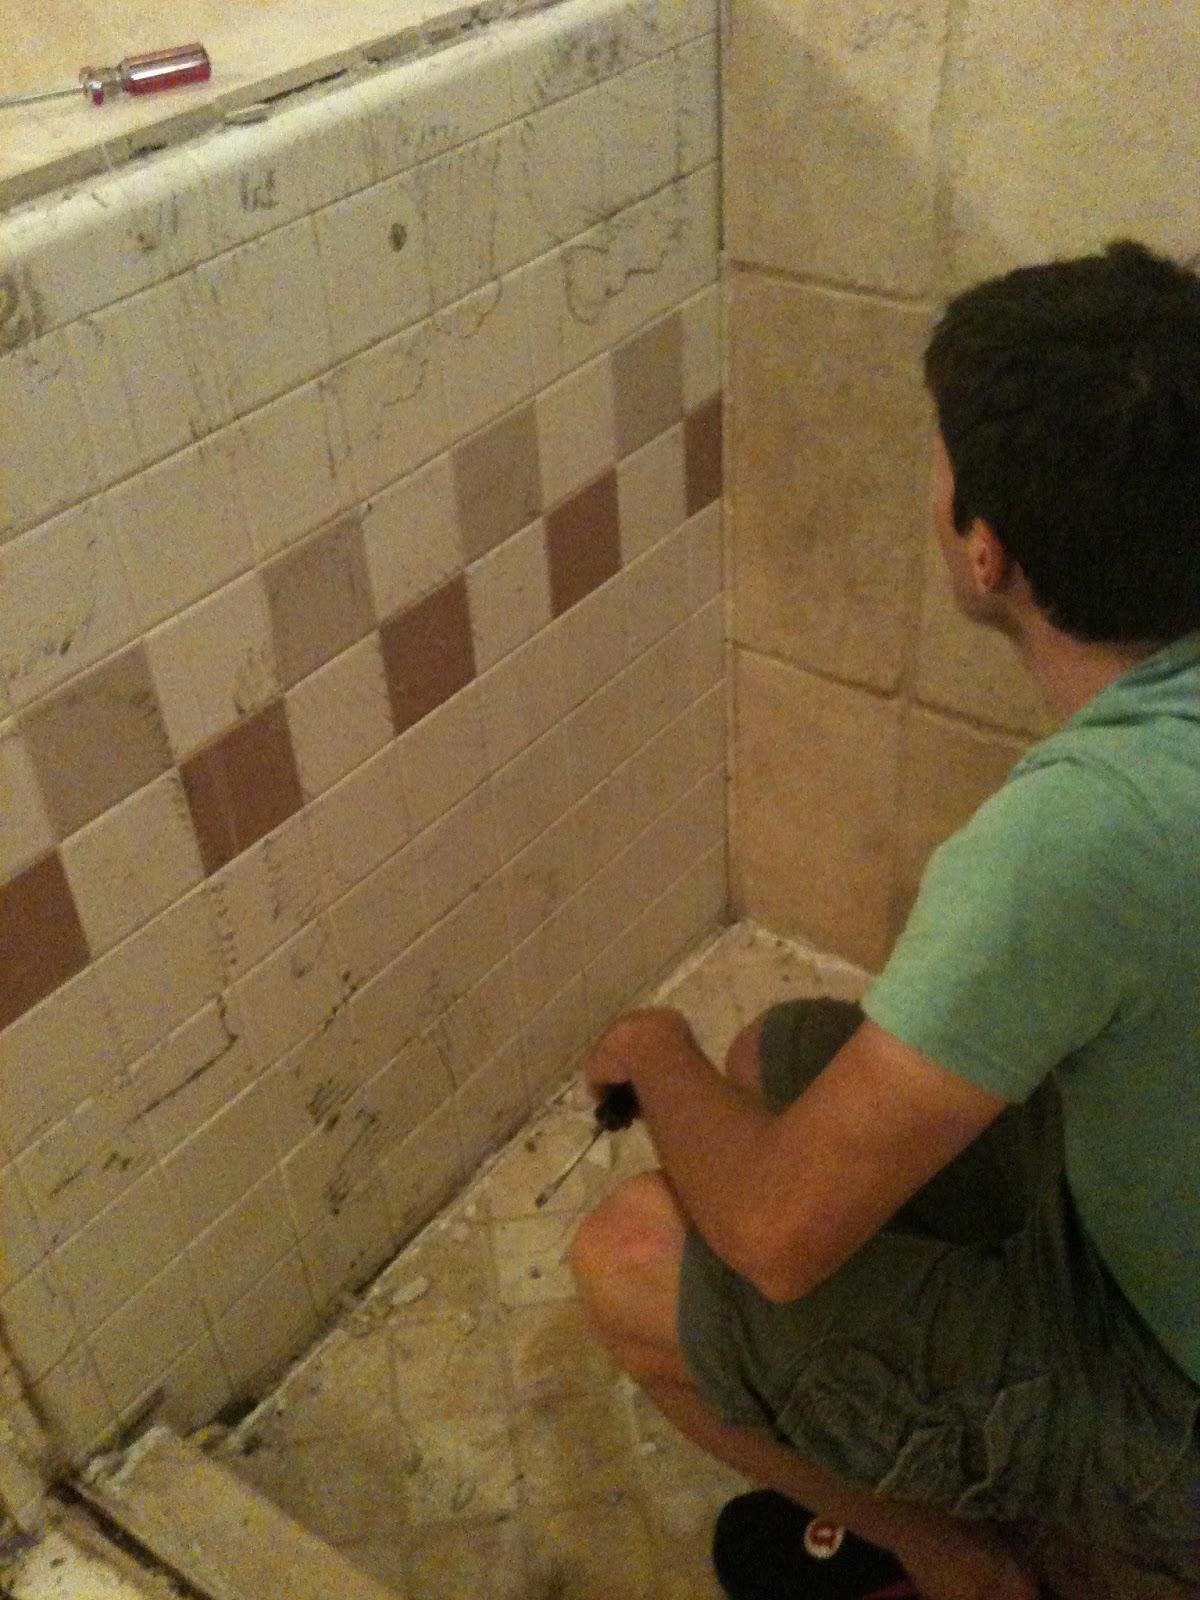 Cute Bathroom Rentals Cost Big Mosaic Bathrooms Design Flat Bathtub 60 X 32 X 21 Bathroom Wall Tiles Pattern Design Youthful Ada Bathroom Stall Latches Dark30 Bathroom Vanity Without Sink I Am Momma   Hear Me Roar: The Bathroom Renovation   Part 1 (plans)